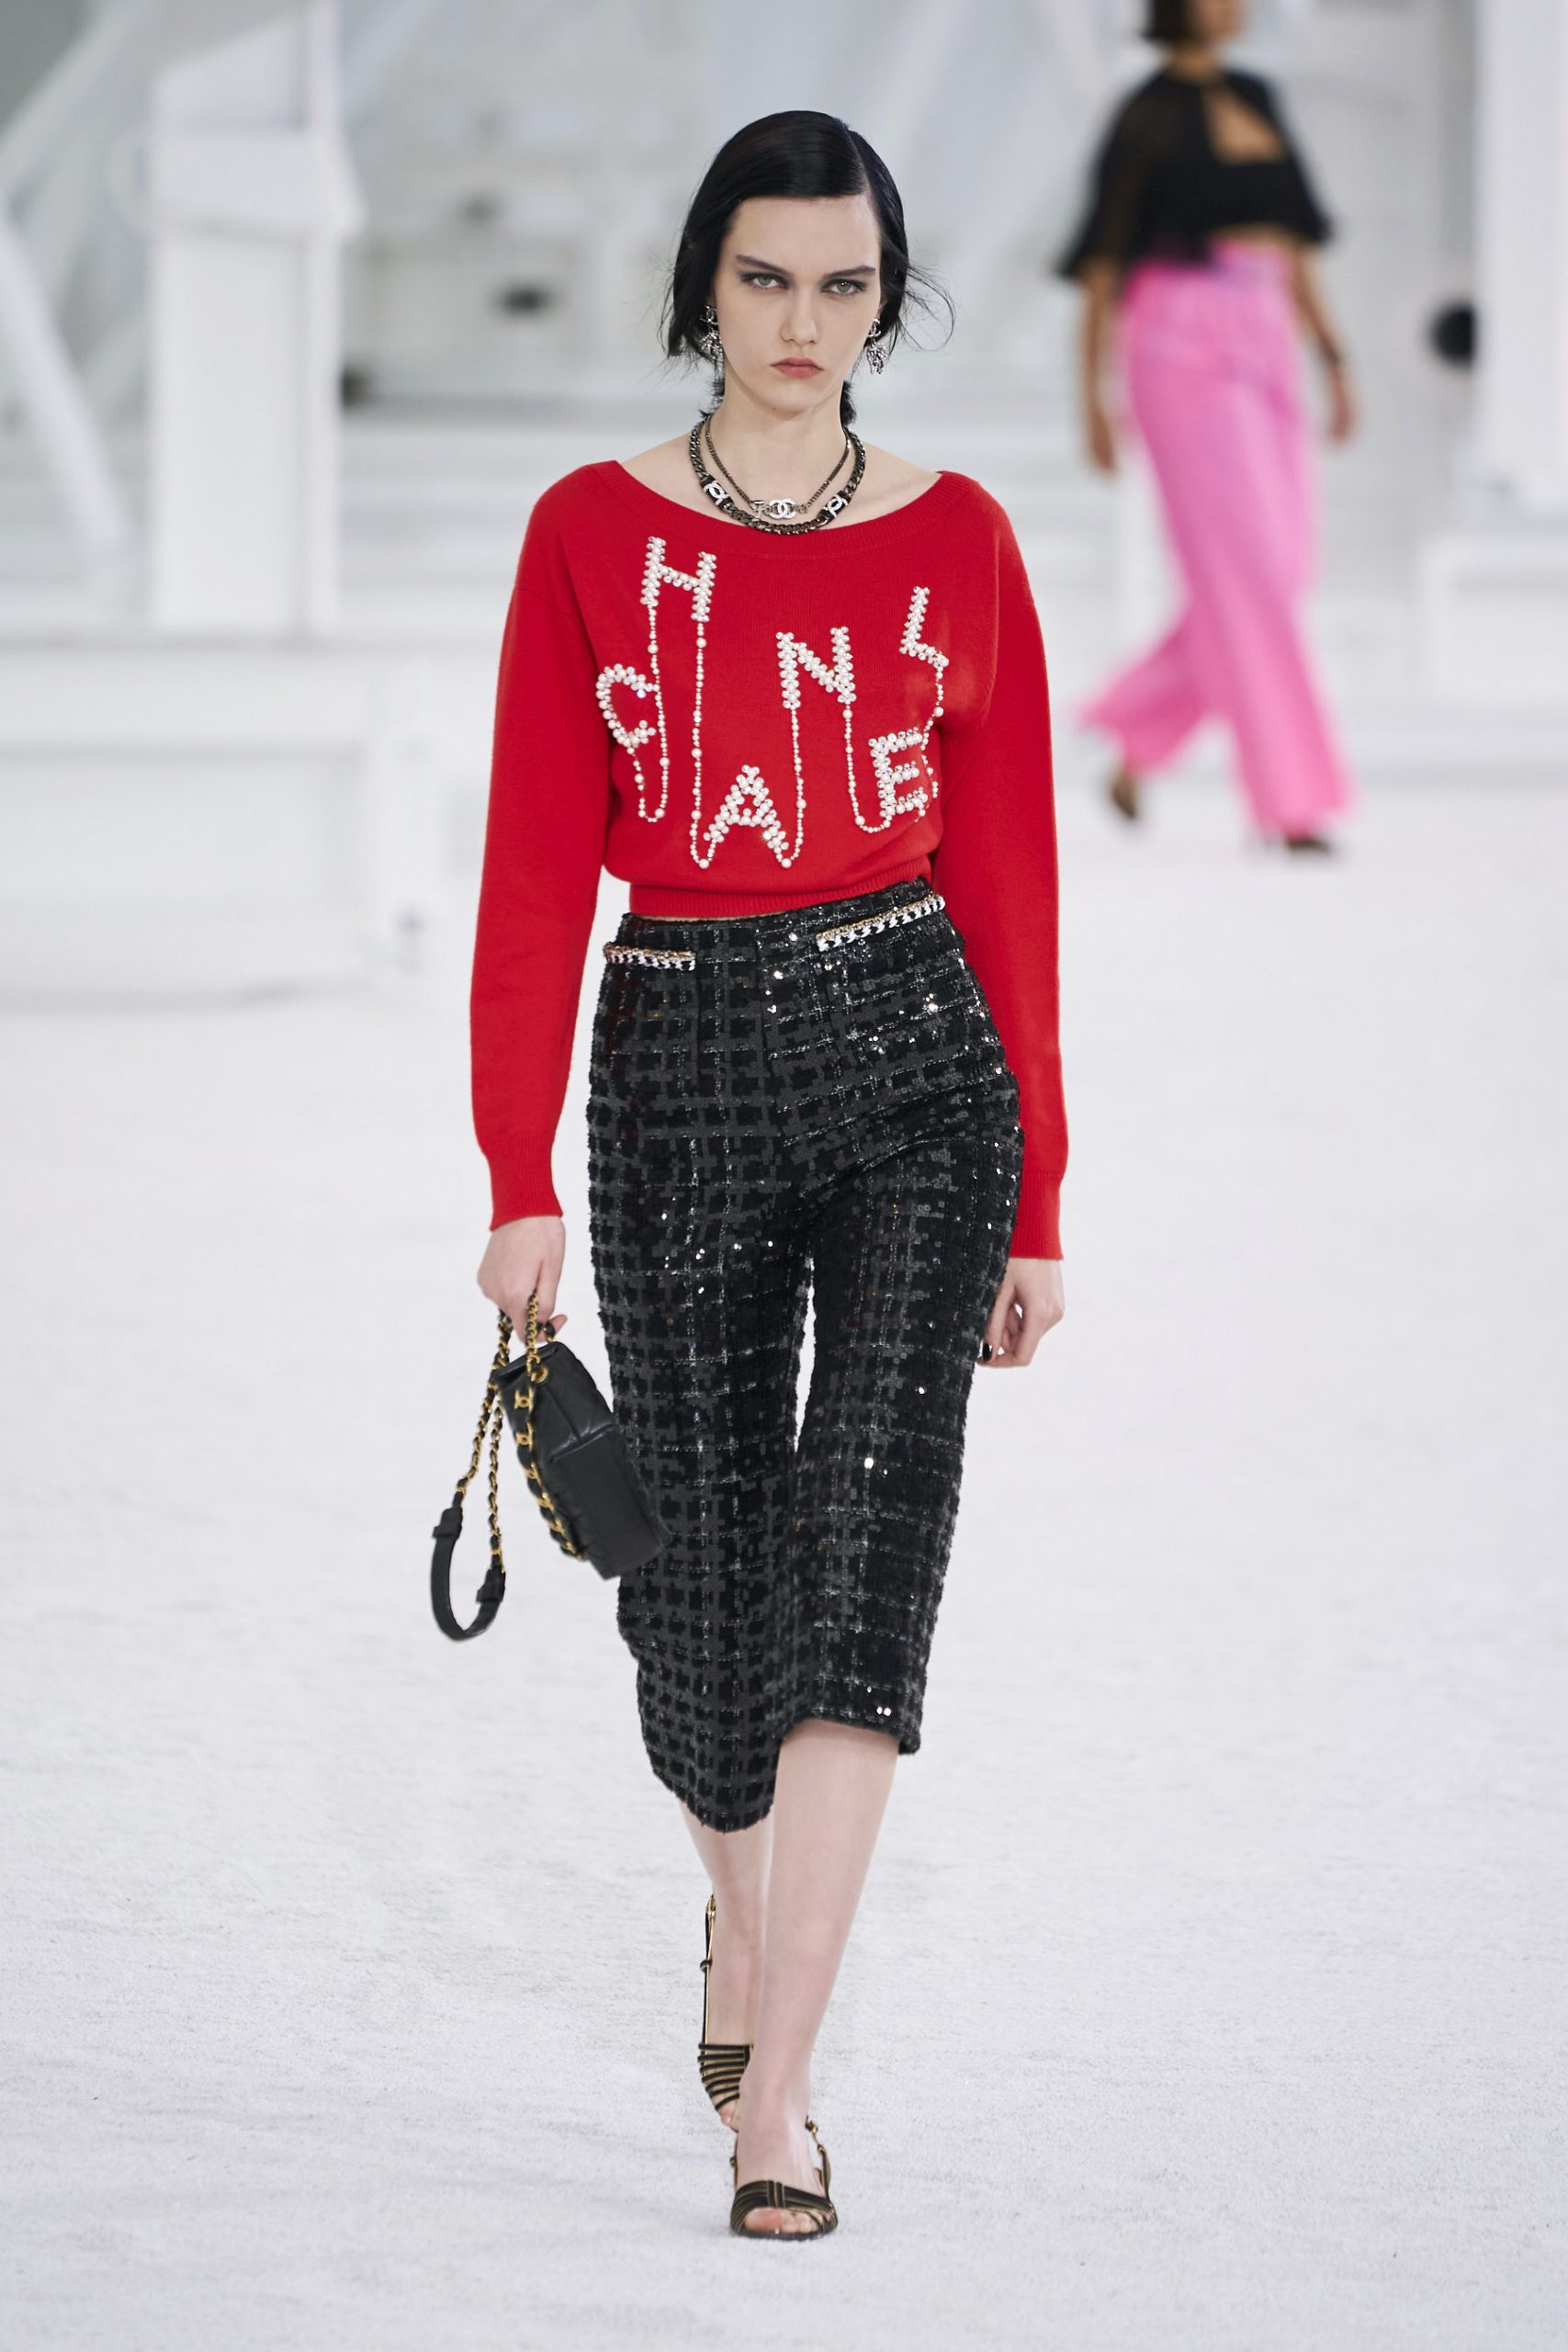 6. kép: Párizsi Divathét - Chanel - 2021 tavasz-nyár - ready to wear